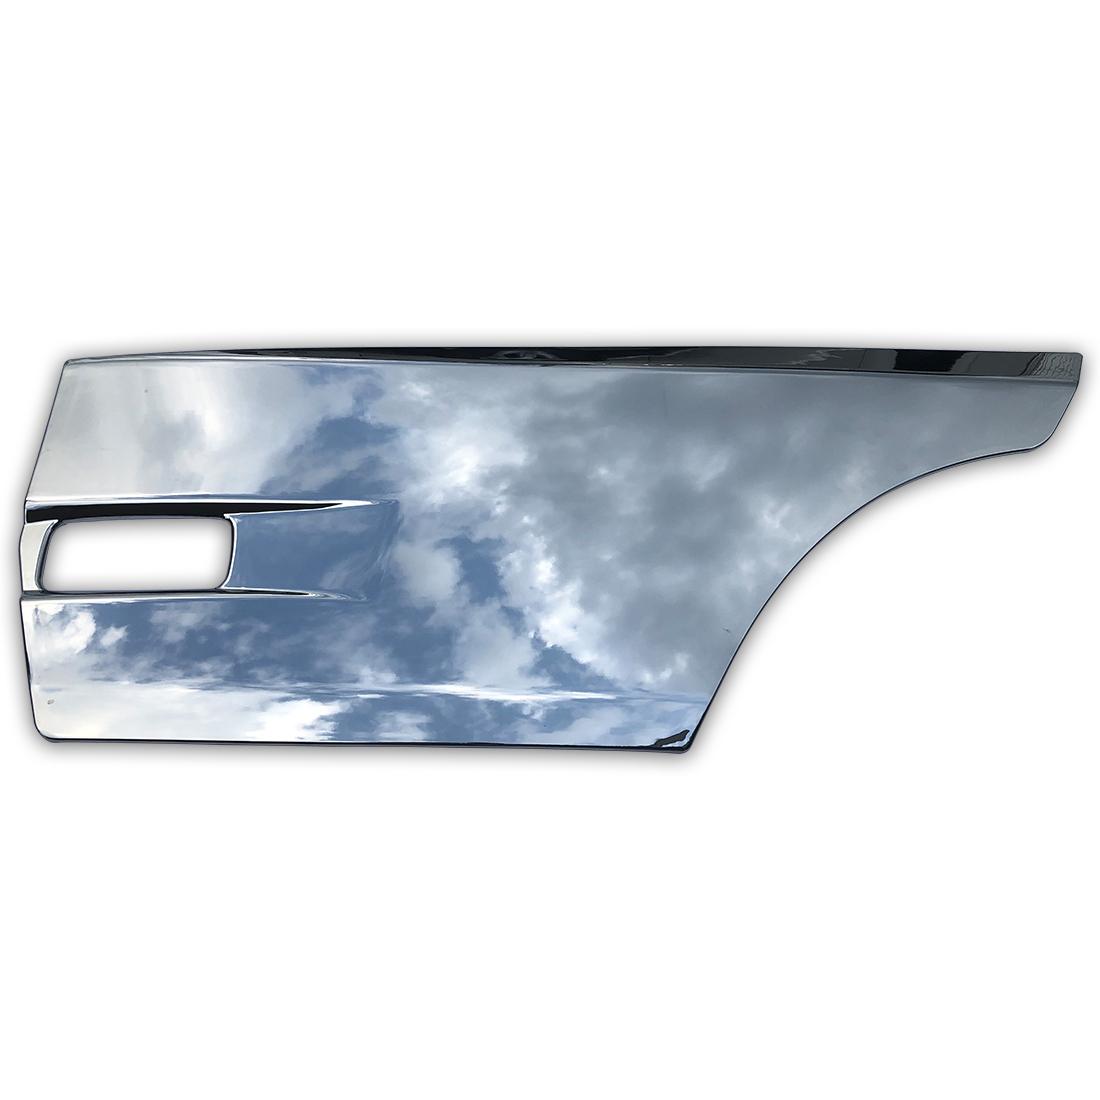 日産 UD クオン 大型 メッキ サイド ドア ガーニッシュ パネル 左右セット ブリスター 平成16年11月~ AP-T136LR_画像2